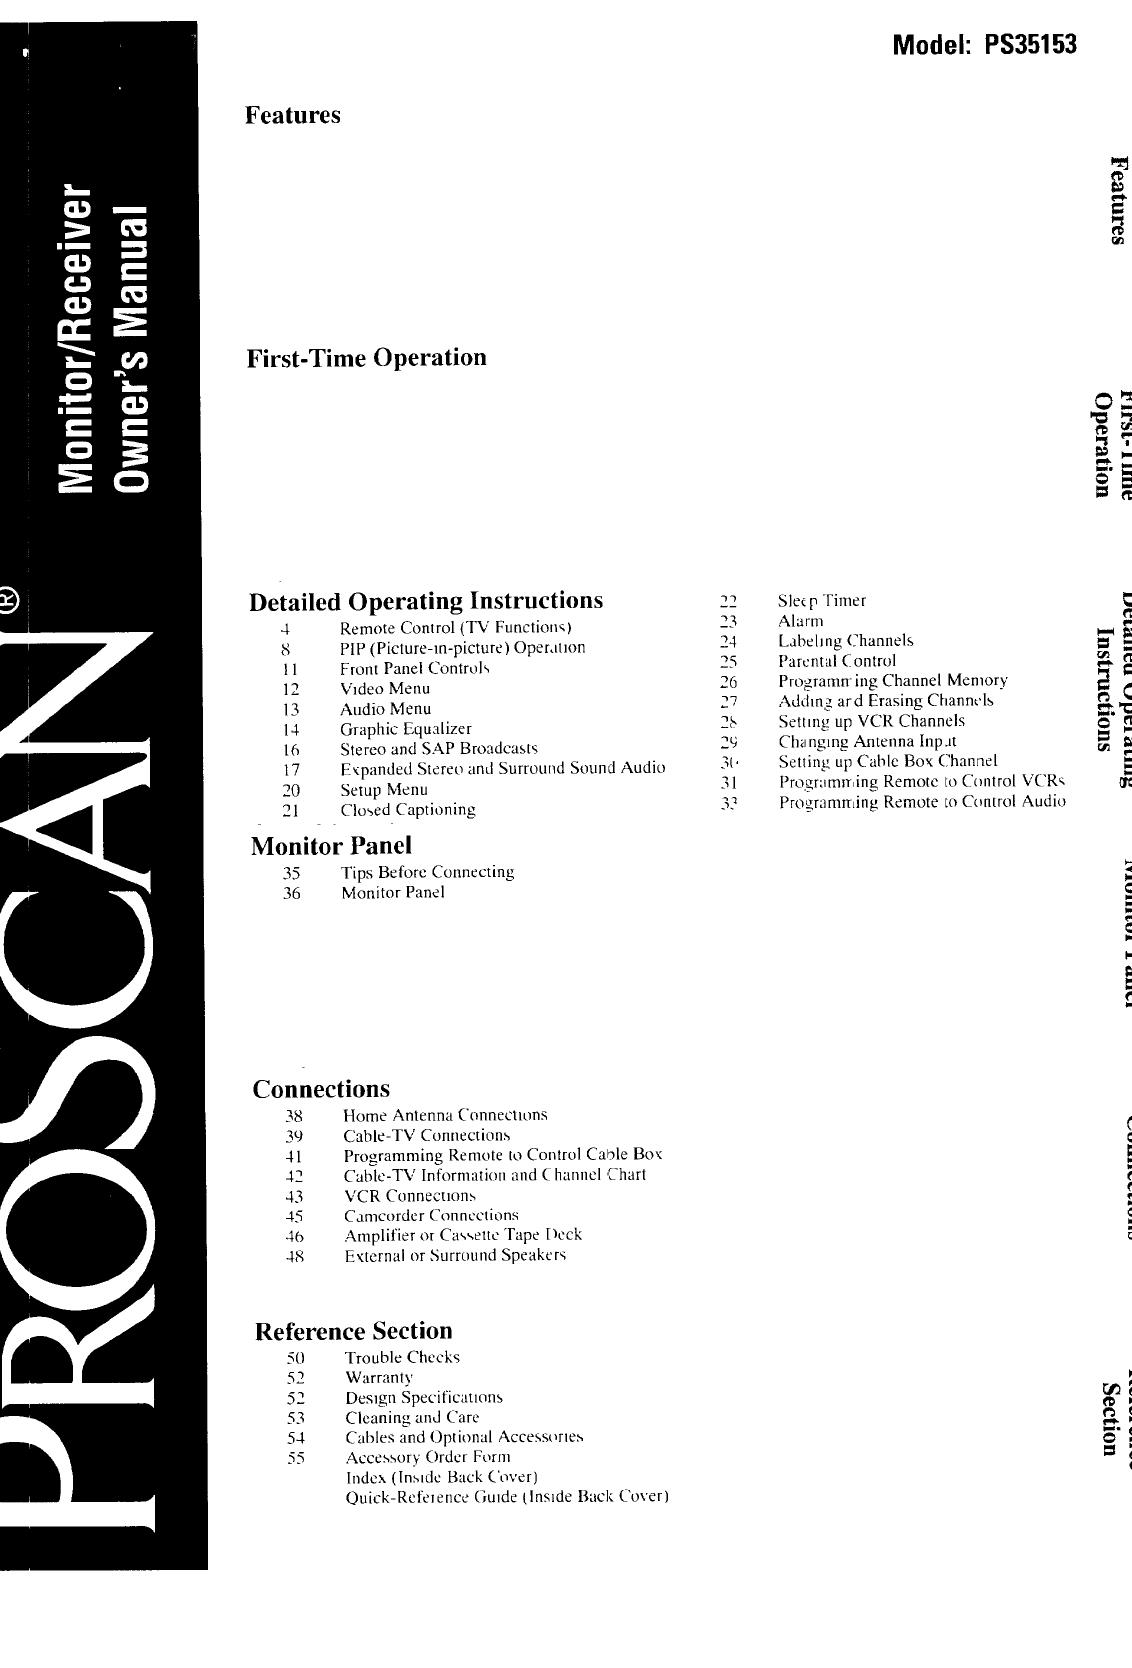 Seznamka reklamy uk